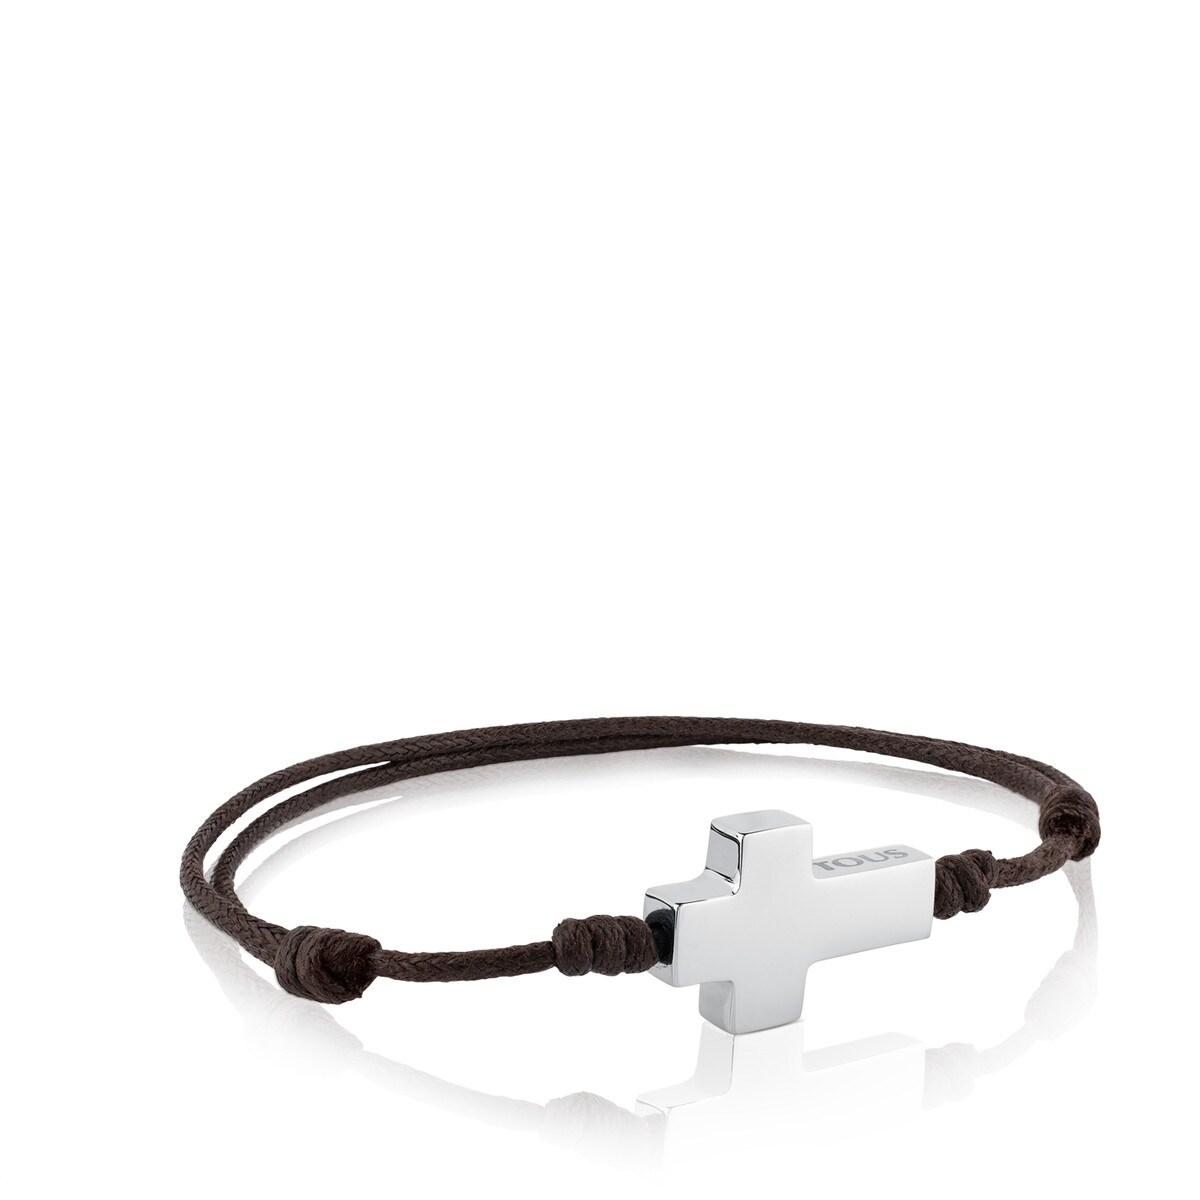 83f0d44ce14a Pulsera TOUS Cruz de Acero y Cordón en color marrón - Sitio web Tous ...